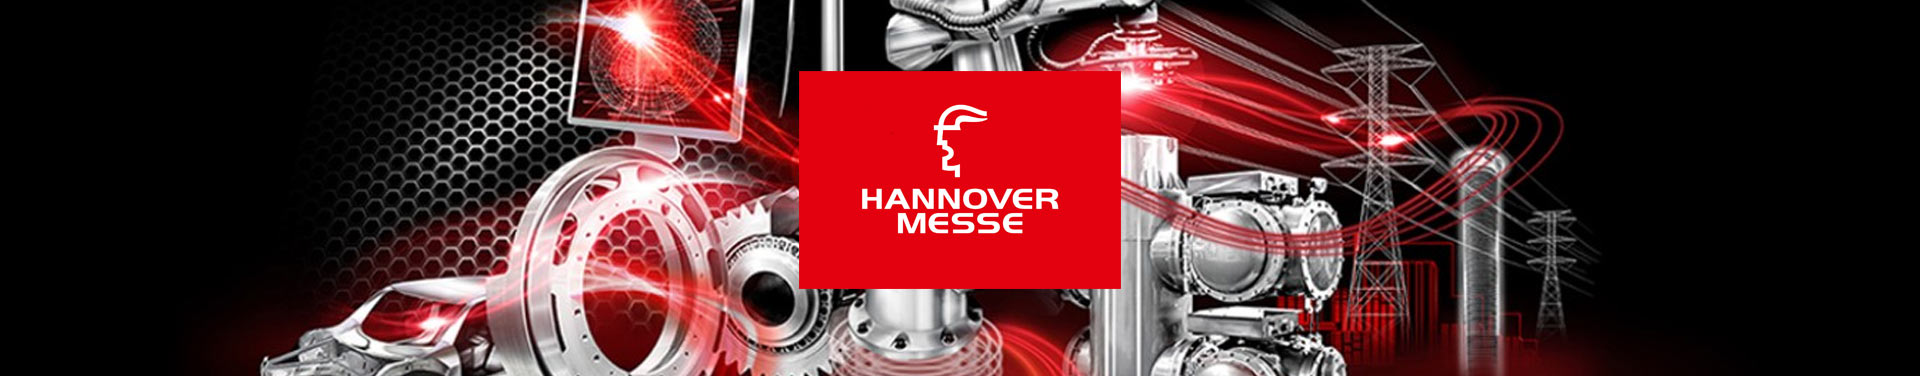 BEGE-HannoverMesse019